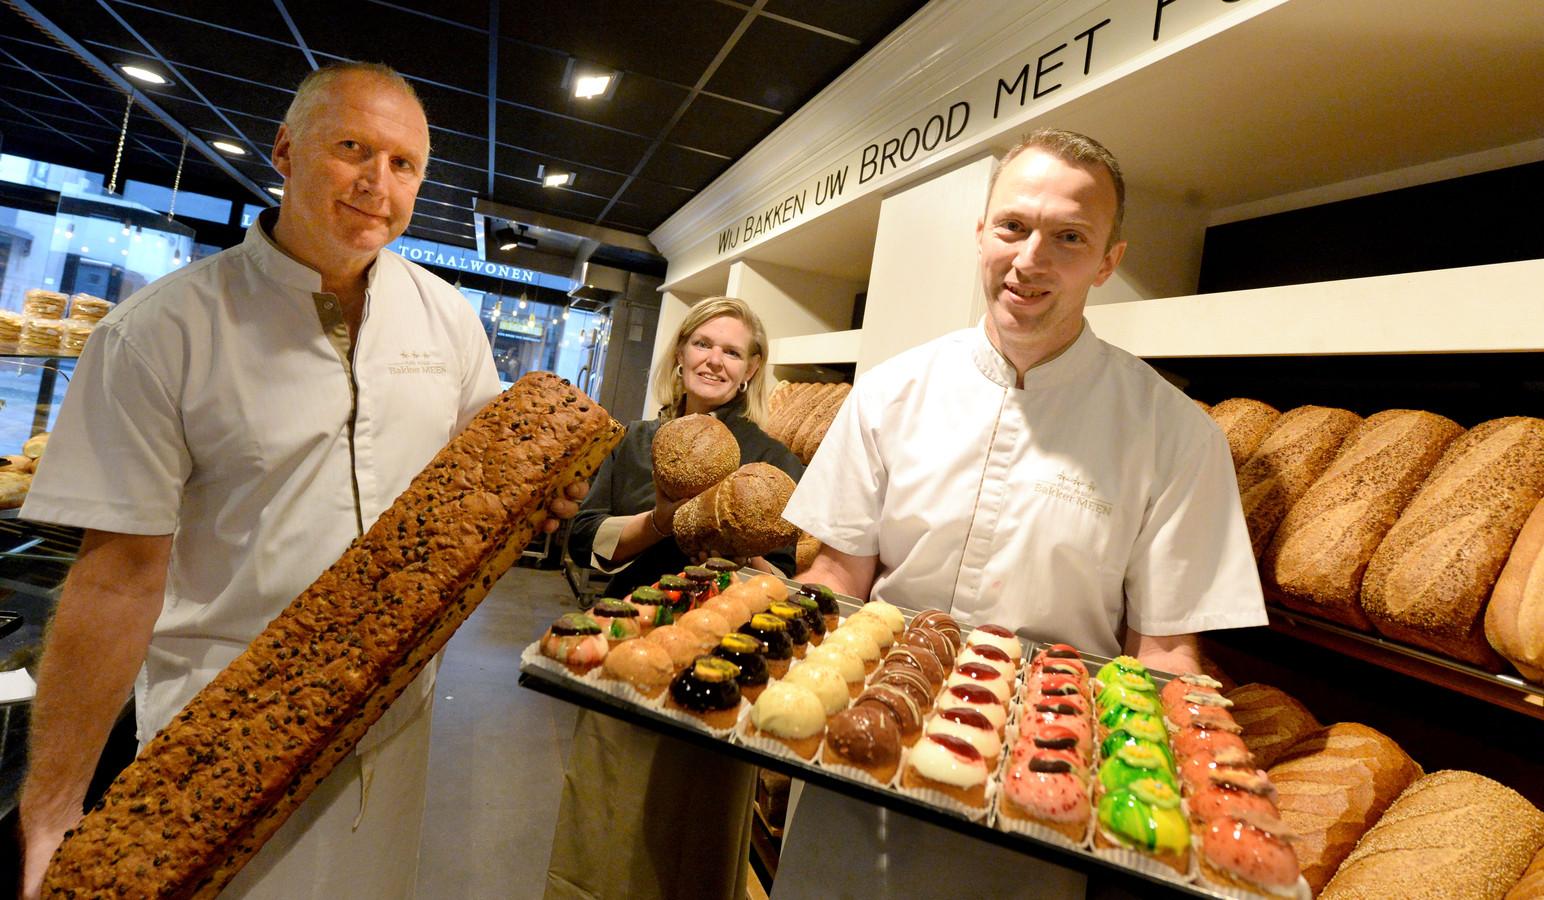 De drie jubilarissen bij bakkerij Meen: bakker André Platenkamp (links) is 35 jaar in dienst, verkoopster Elvira Oude Veldhuis 25 jaar en bakker Sander Haverkort (rechts) 25 jaar.